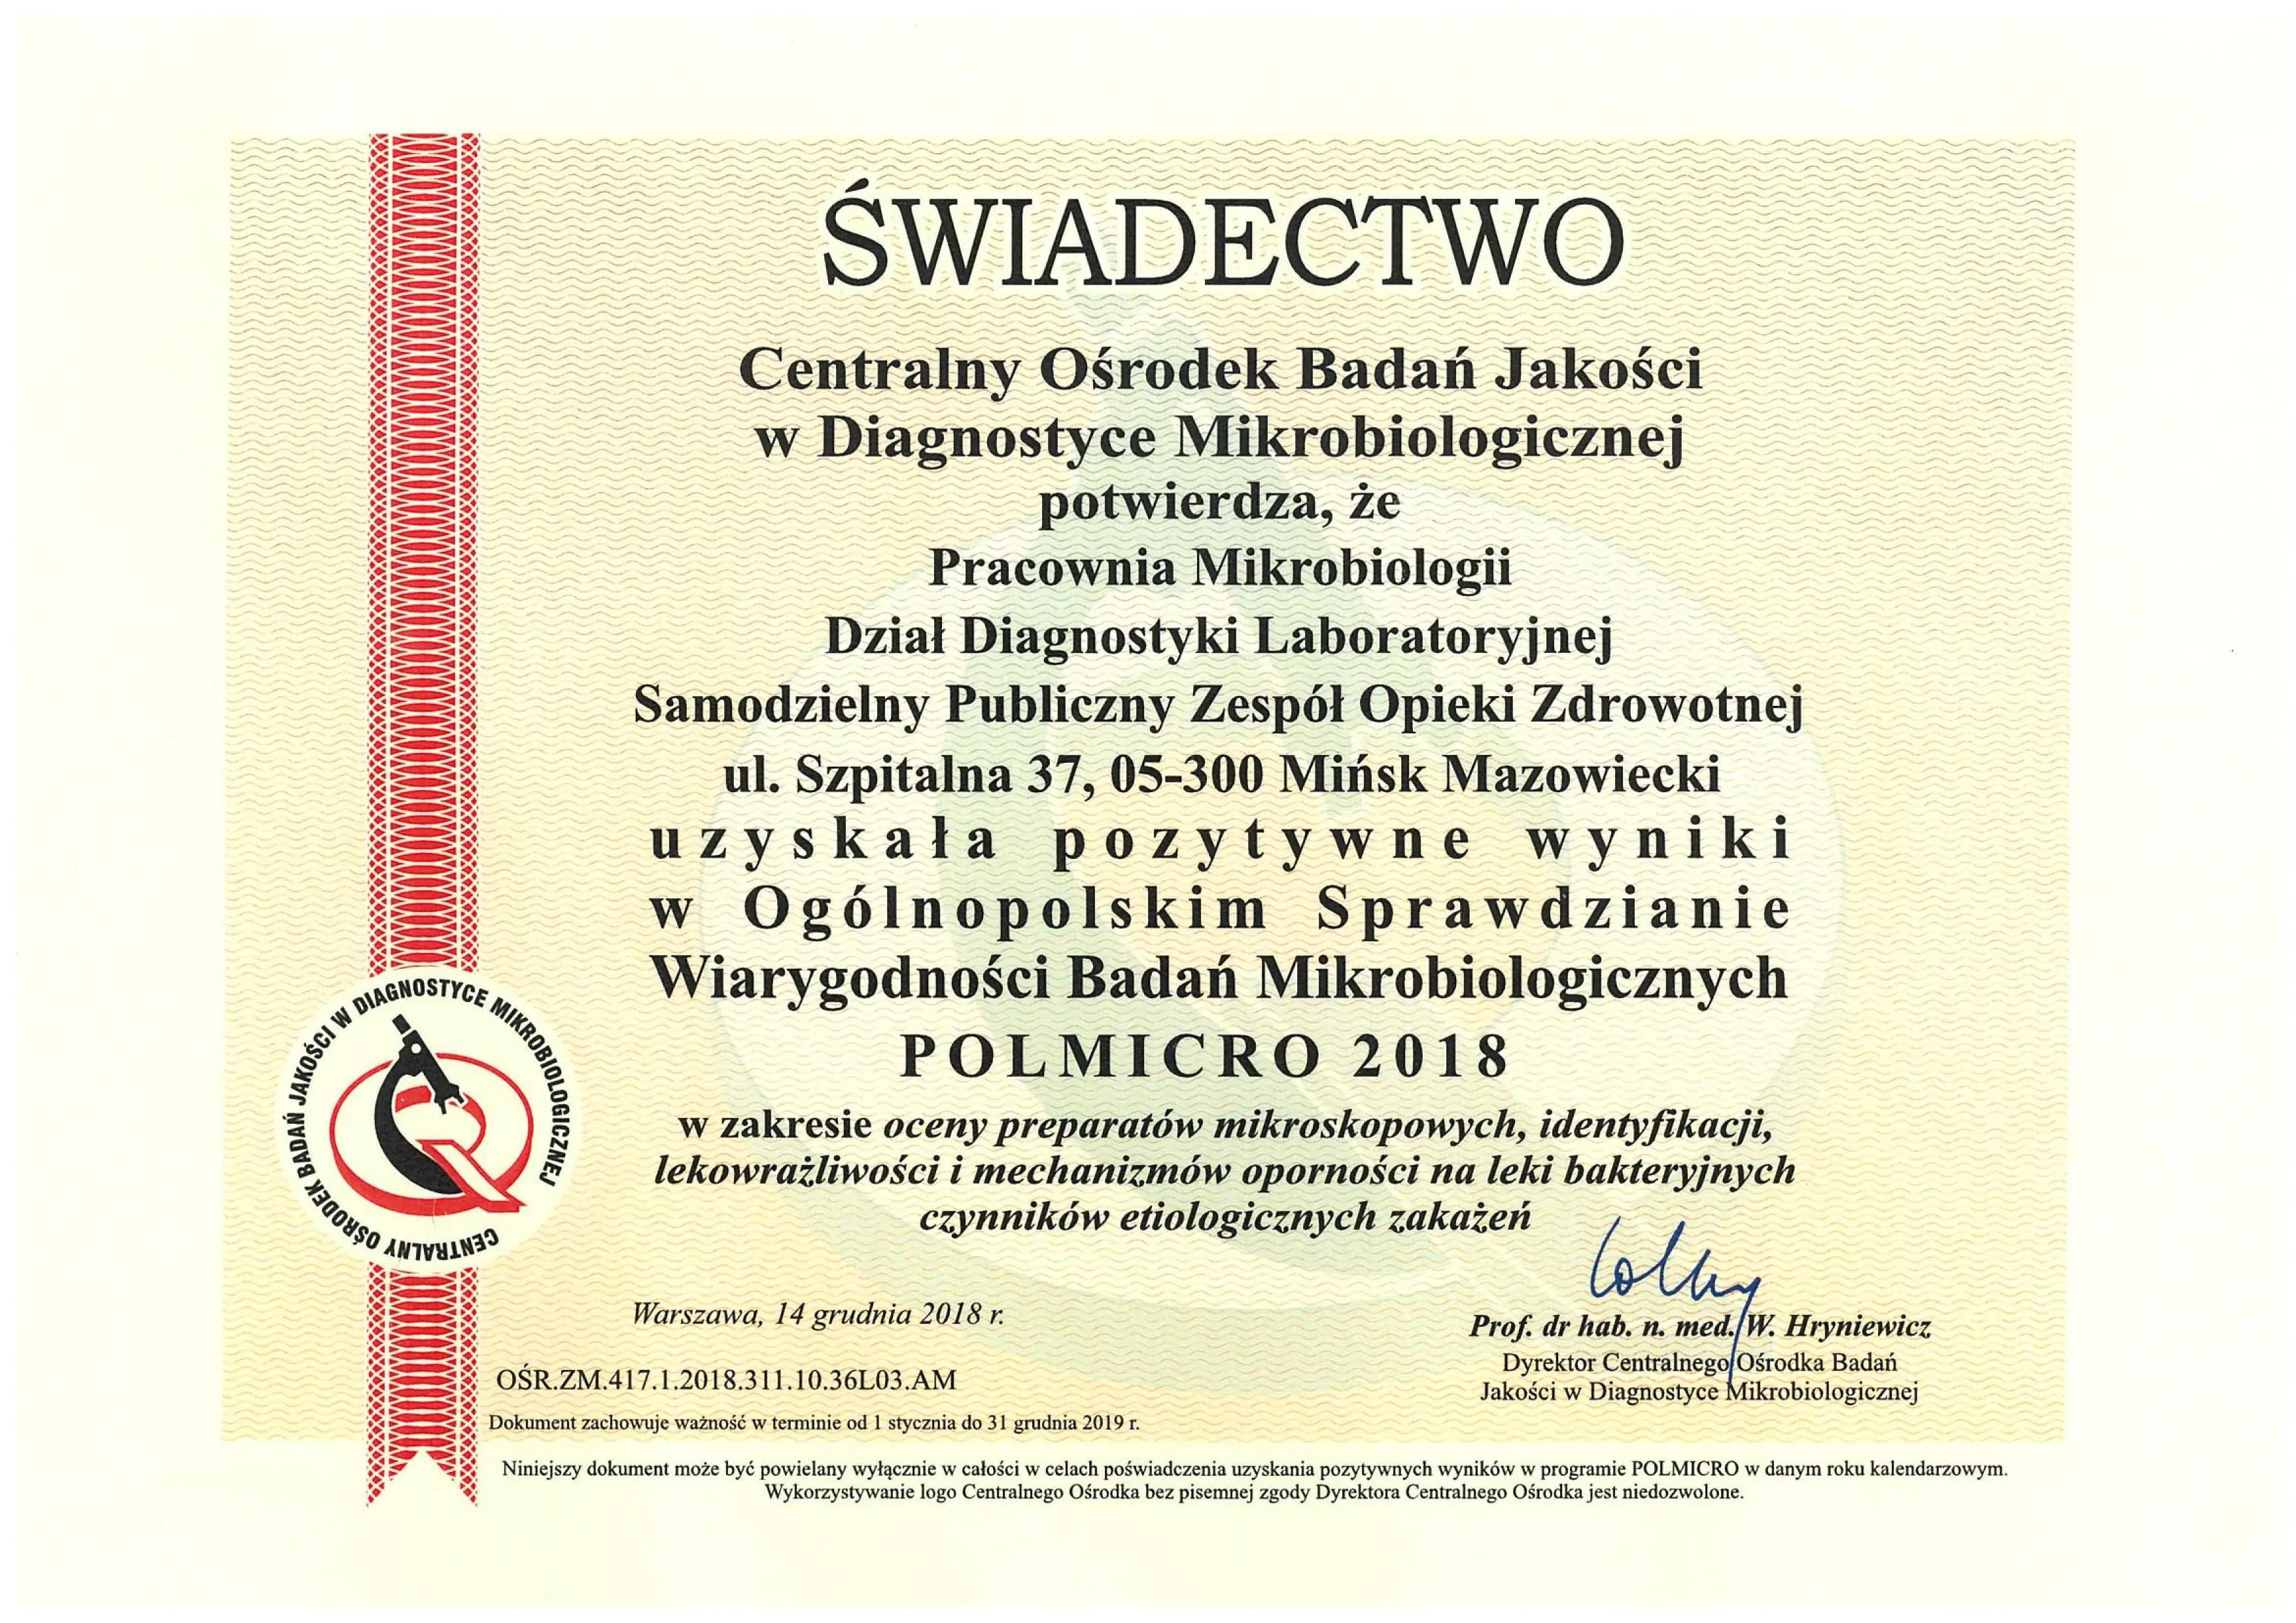 Certyfikat wiarygodności badań w Mikrobiologii